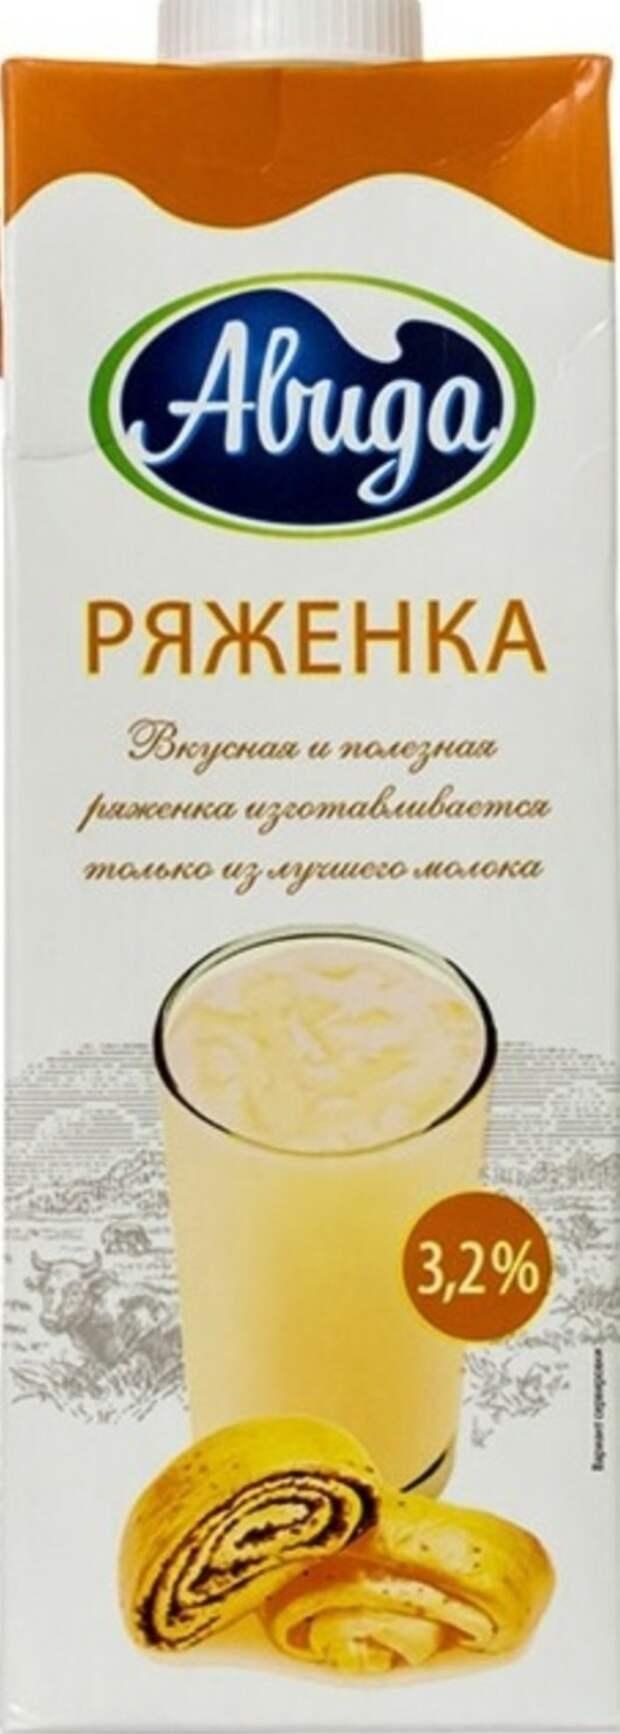 Ряженка с крахмалом вместо молока — 7 популярных фальсификатов